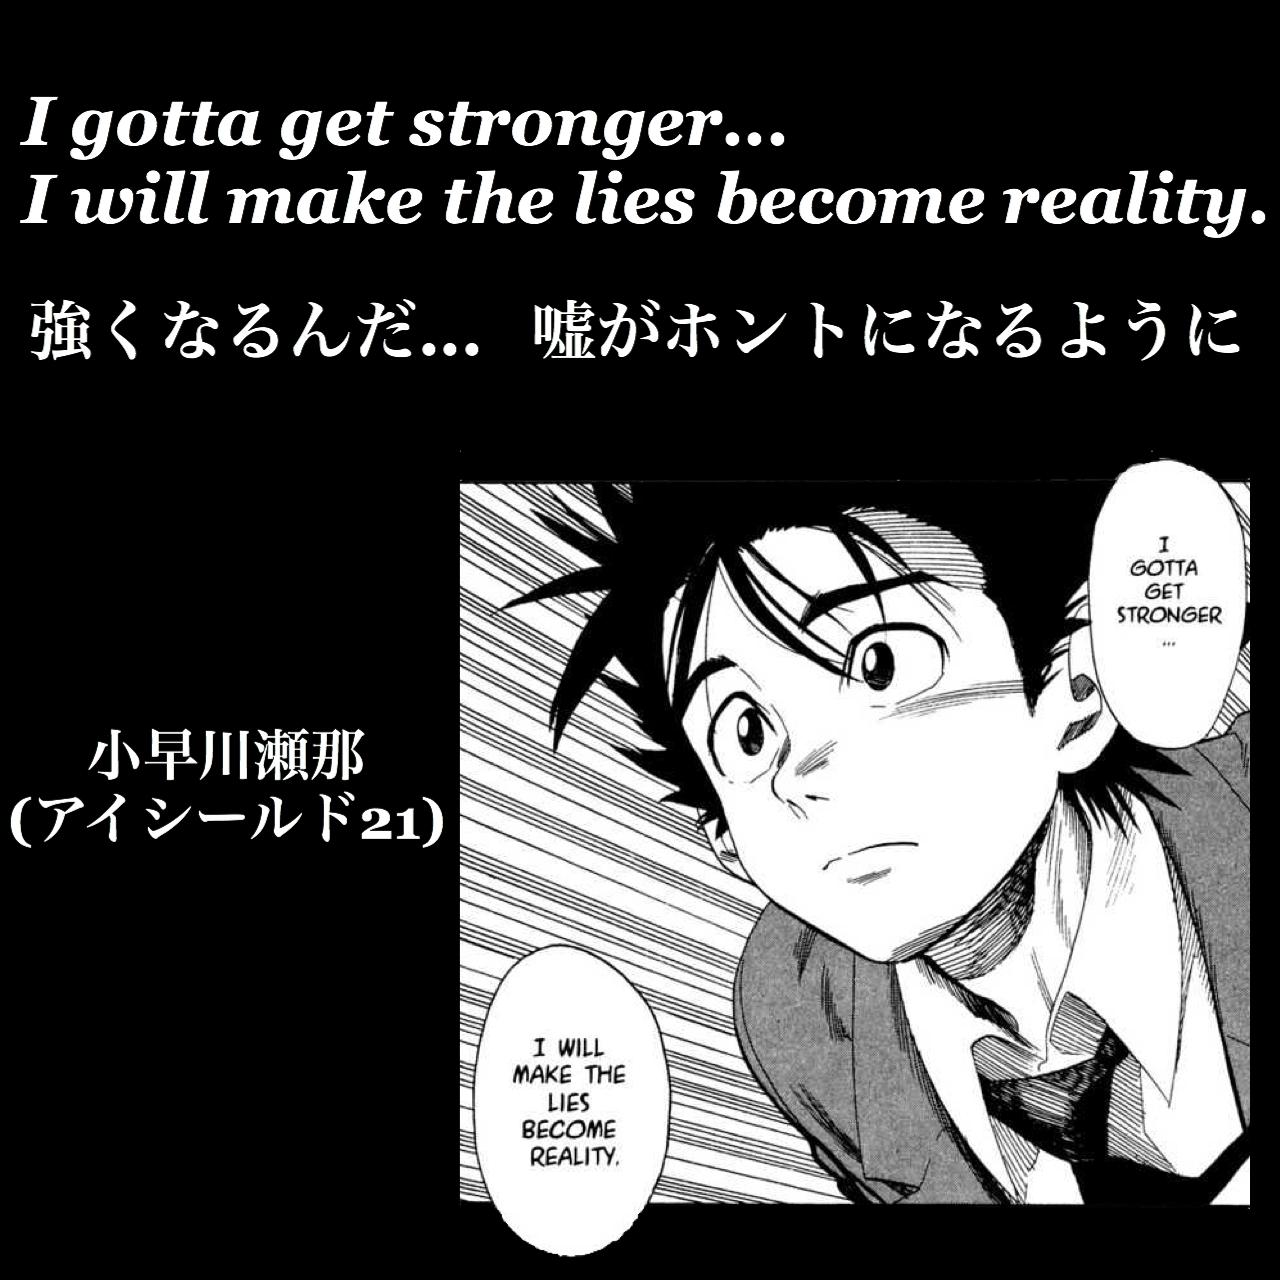 強くなるんだ...嘘がホントになるように / 小早川瀬那(アイシールド21)